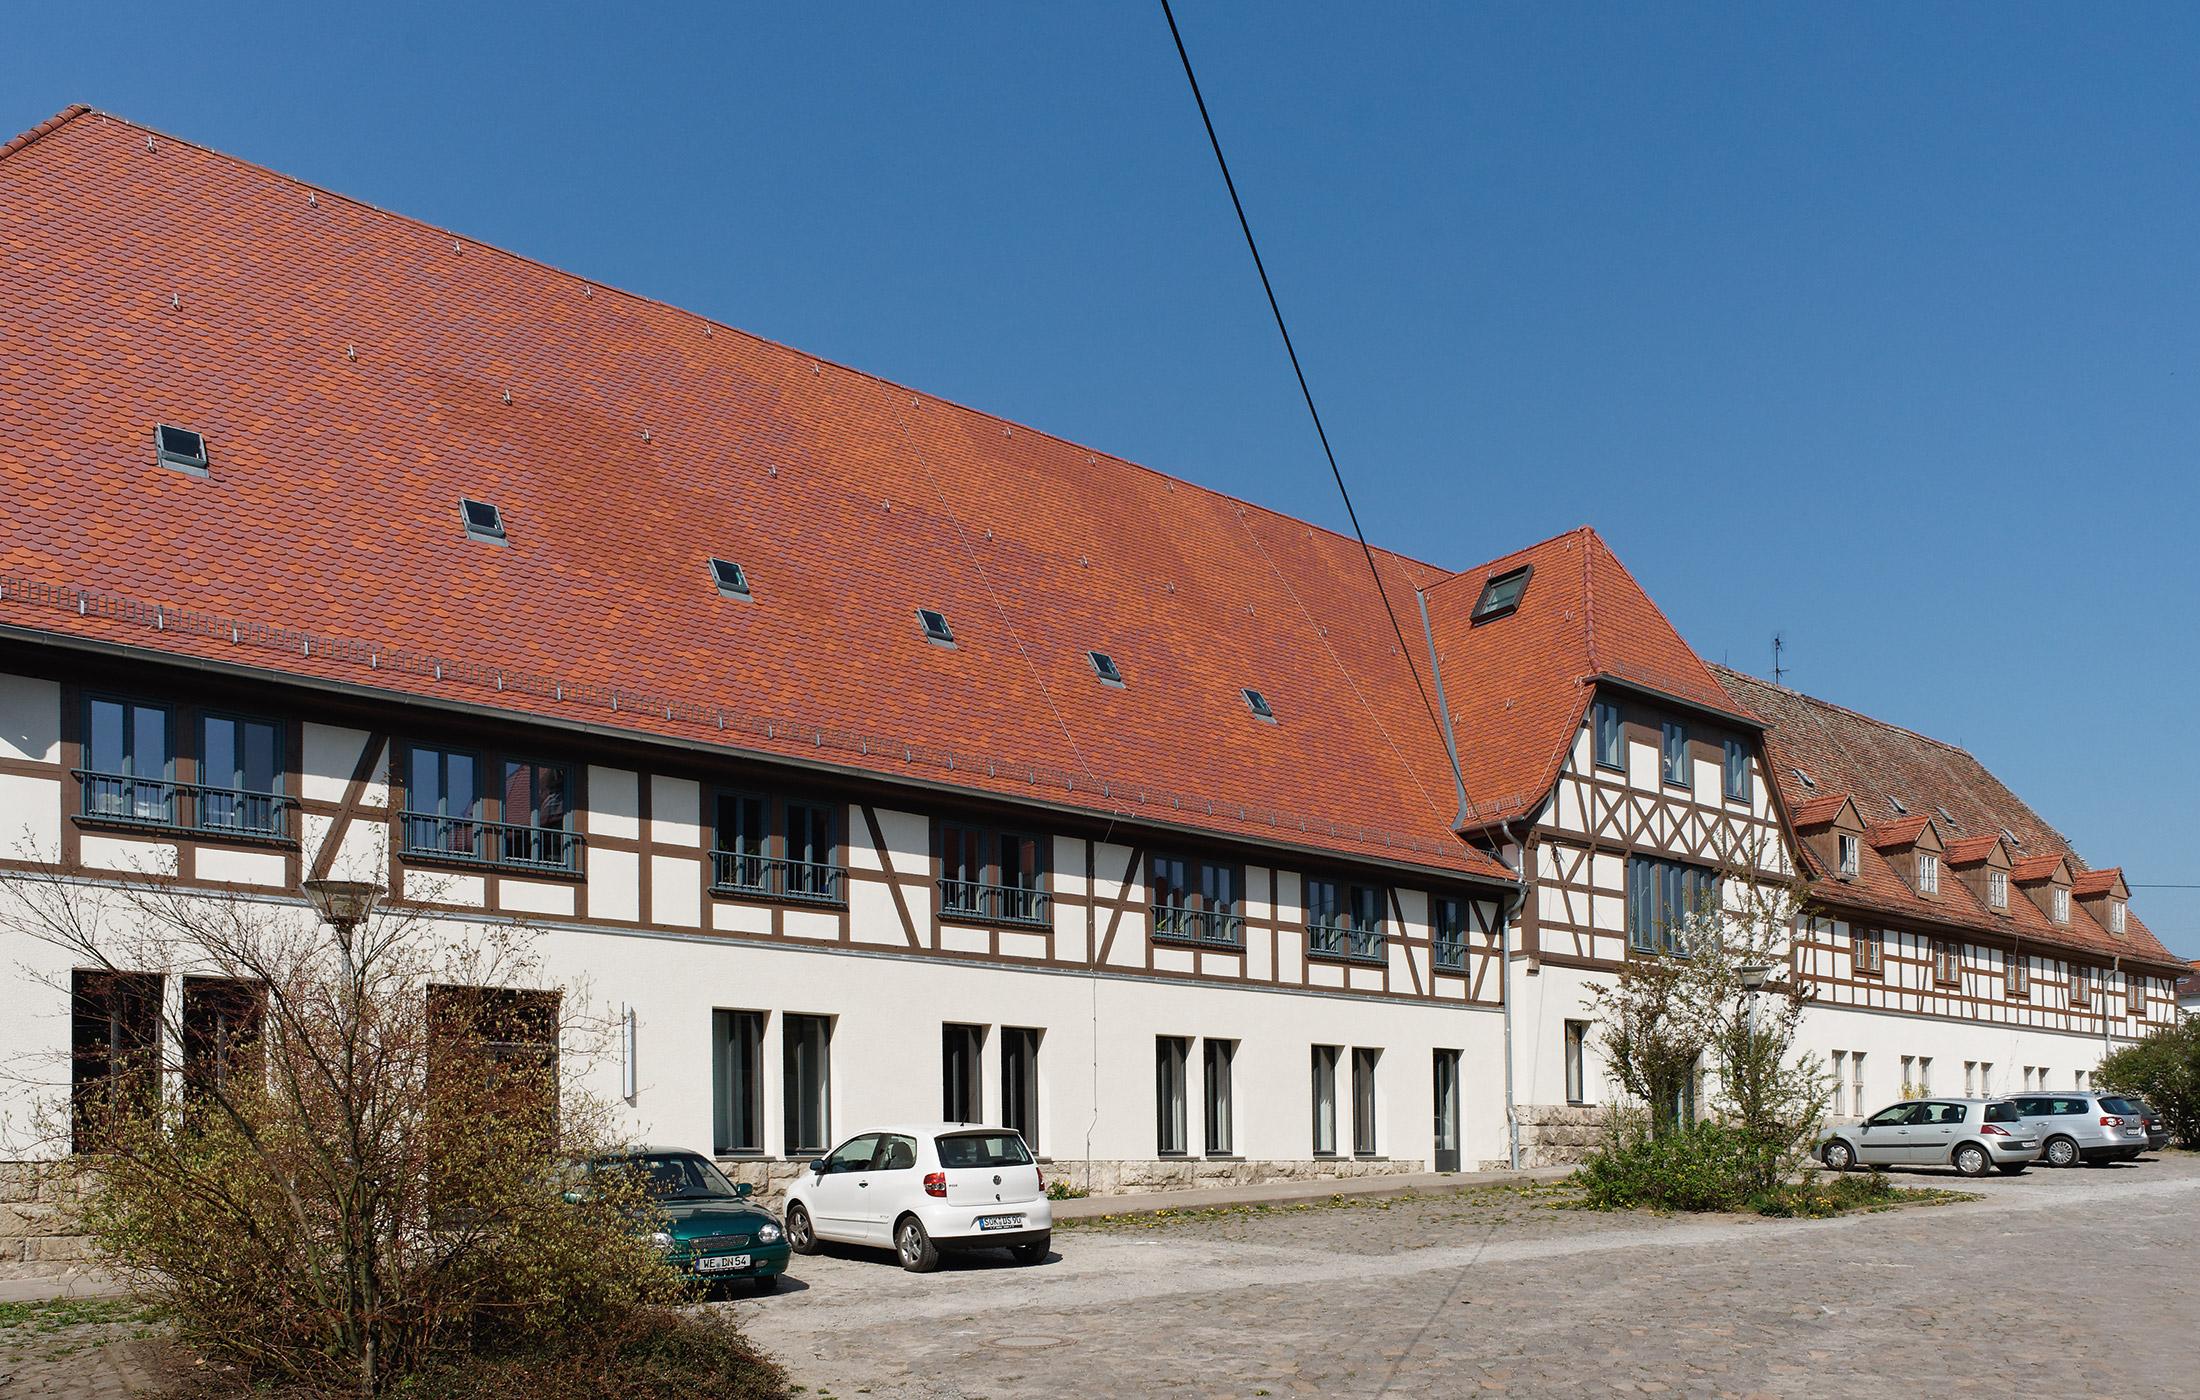 2010, Instandsetzung und Erweiterung Landgut Holzdorf, Weimar-Holzdorf